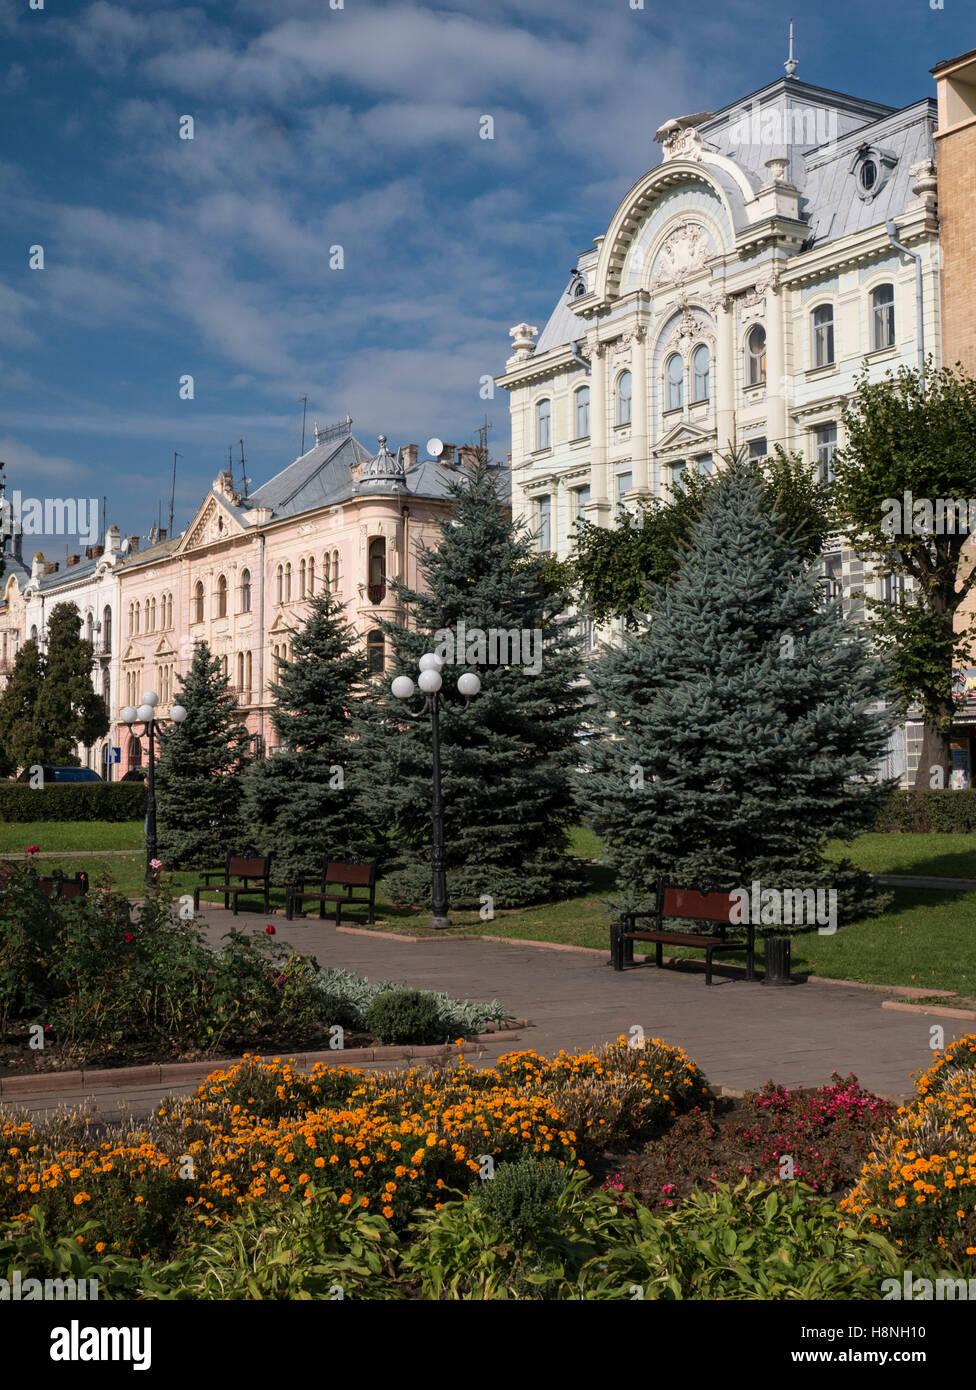 Splendidi edifici che circondano la piazza Teatralina in Chernivtsi, Ucraina. Piuttosto sono i fiori che fioriscono Foto Stock